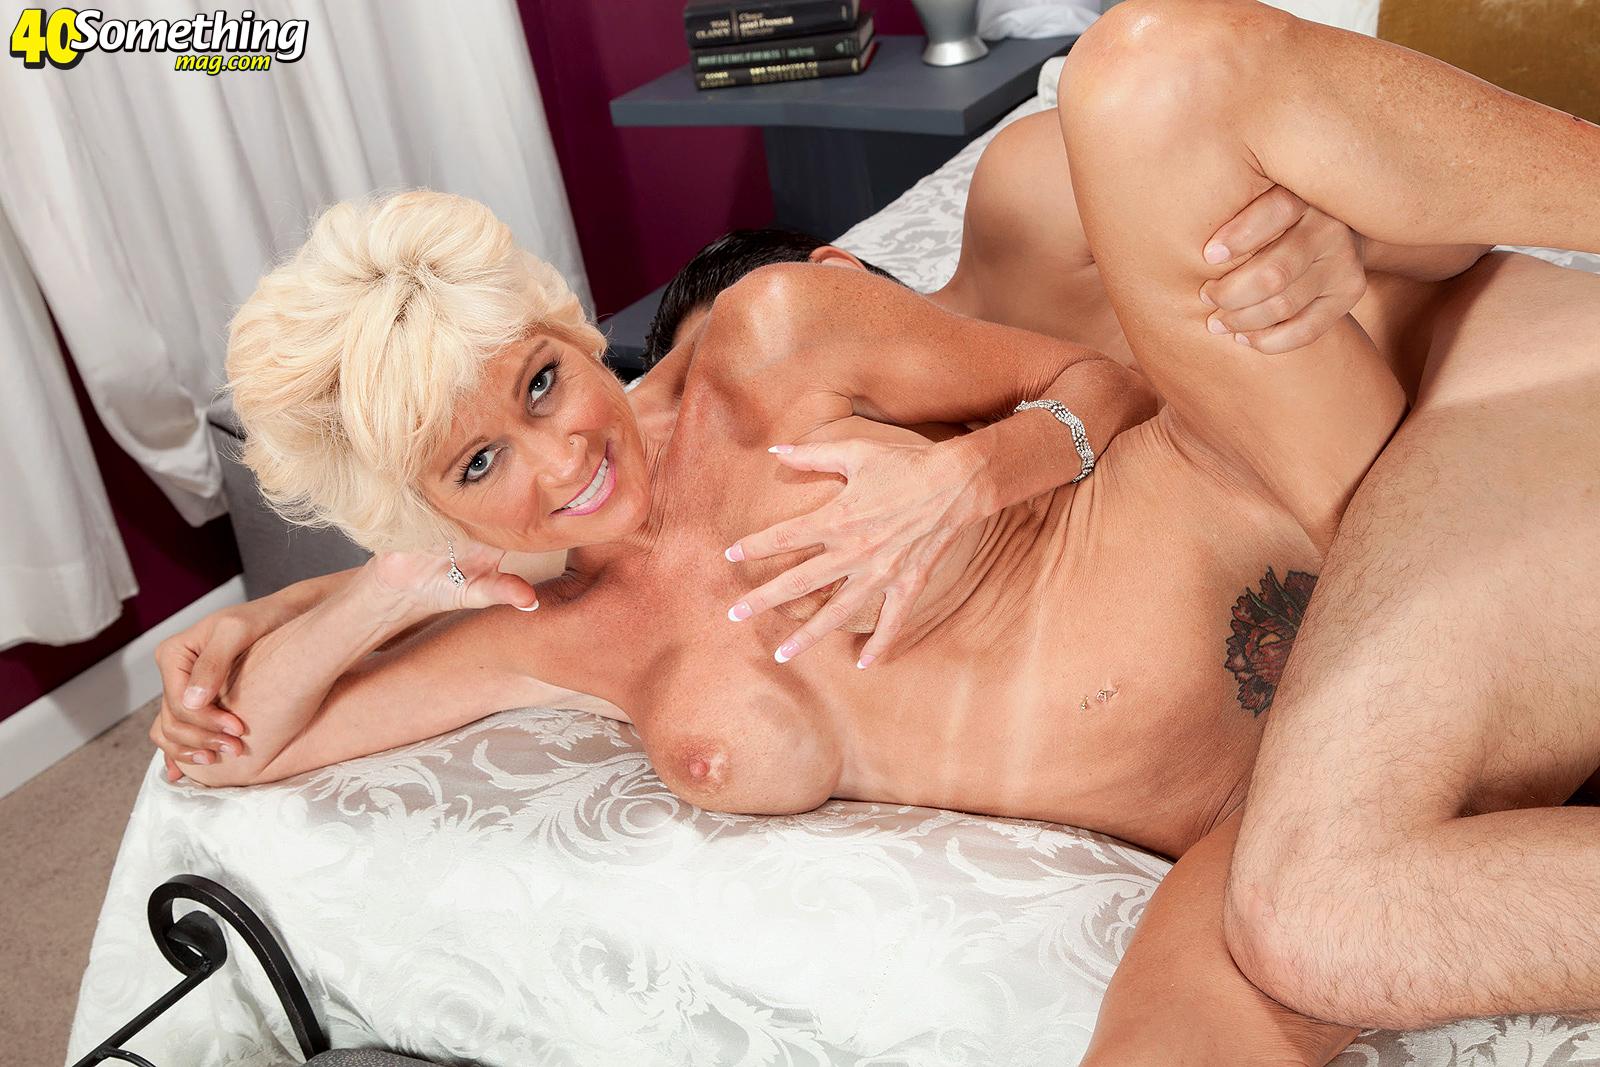 Sixxx porn